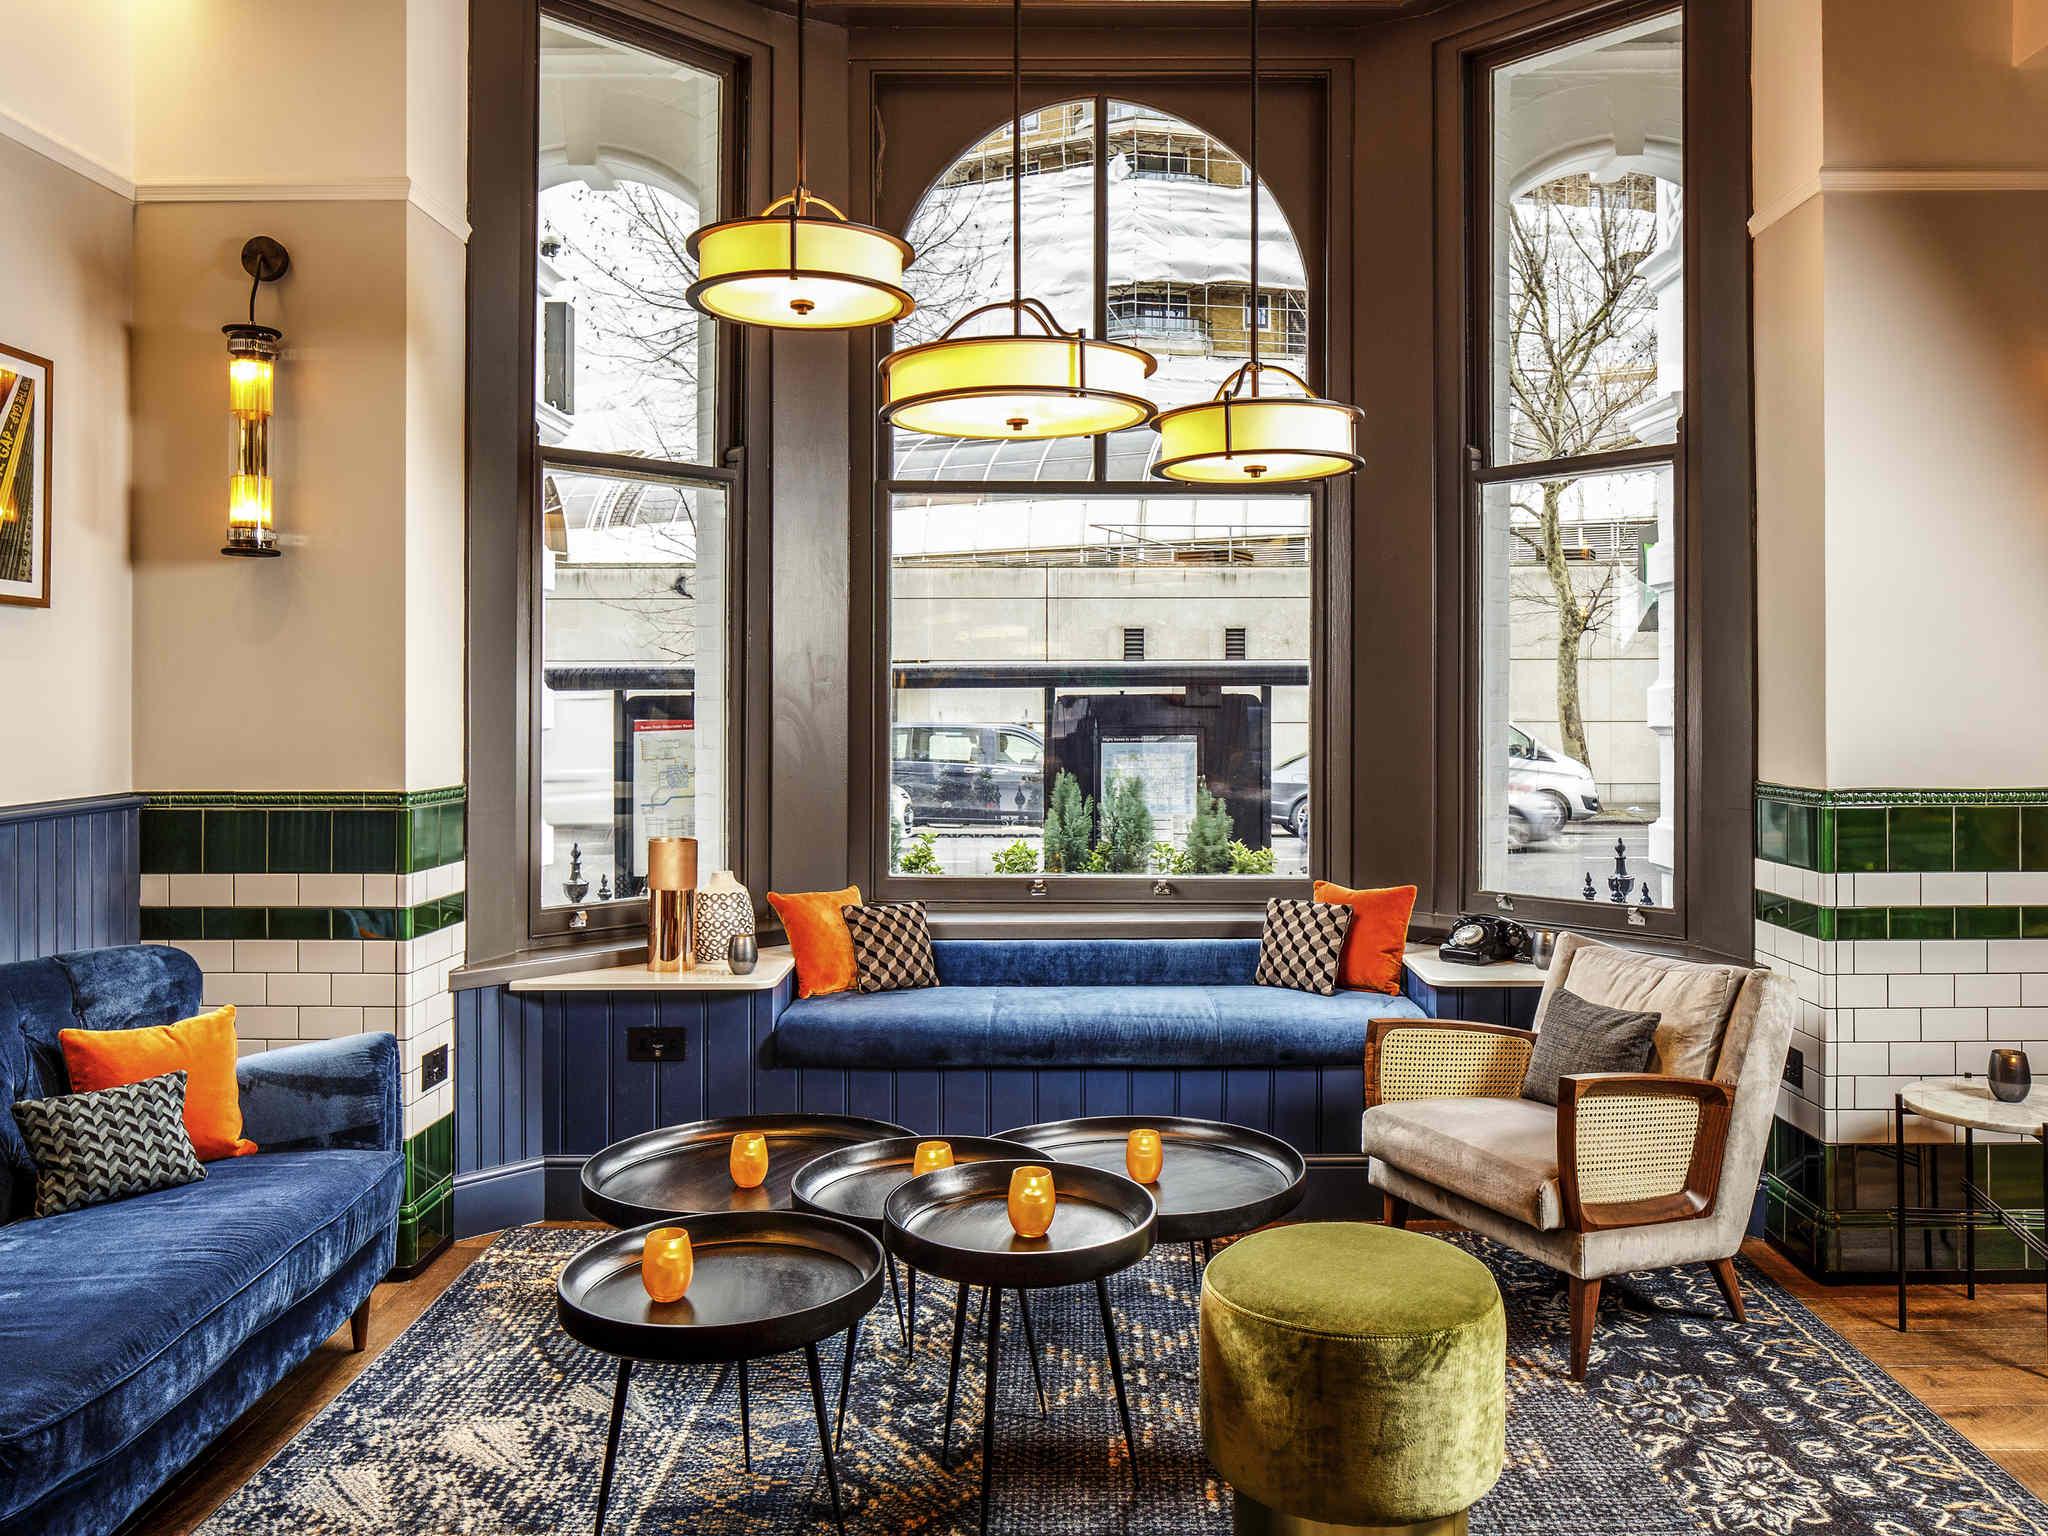 Otel – Ibis Styles London Gloucester Road (Açılış: Ocak 2018)